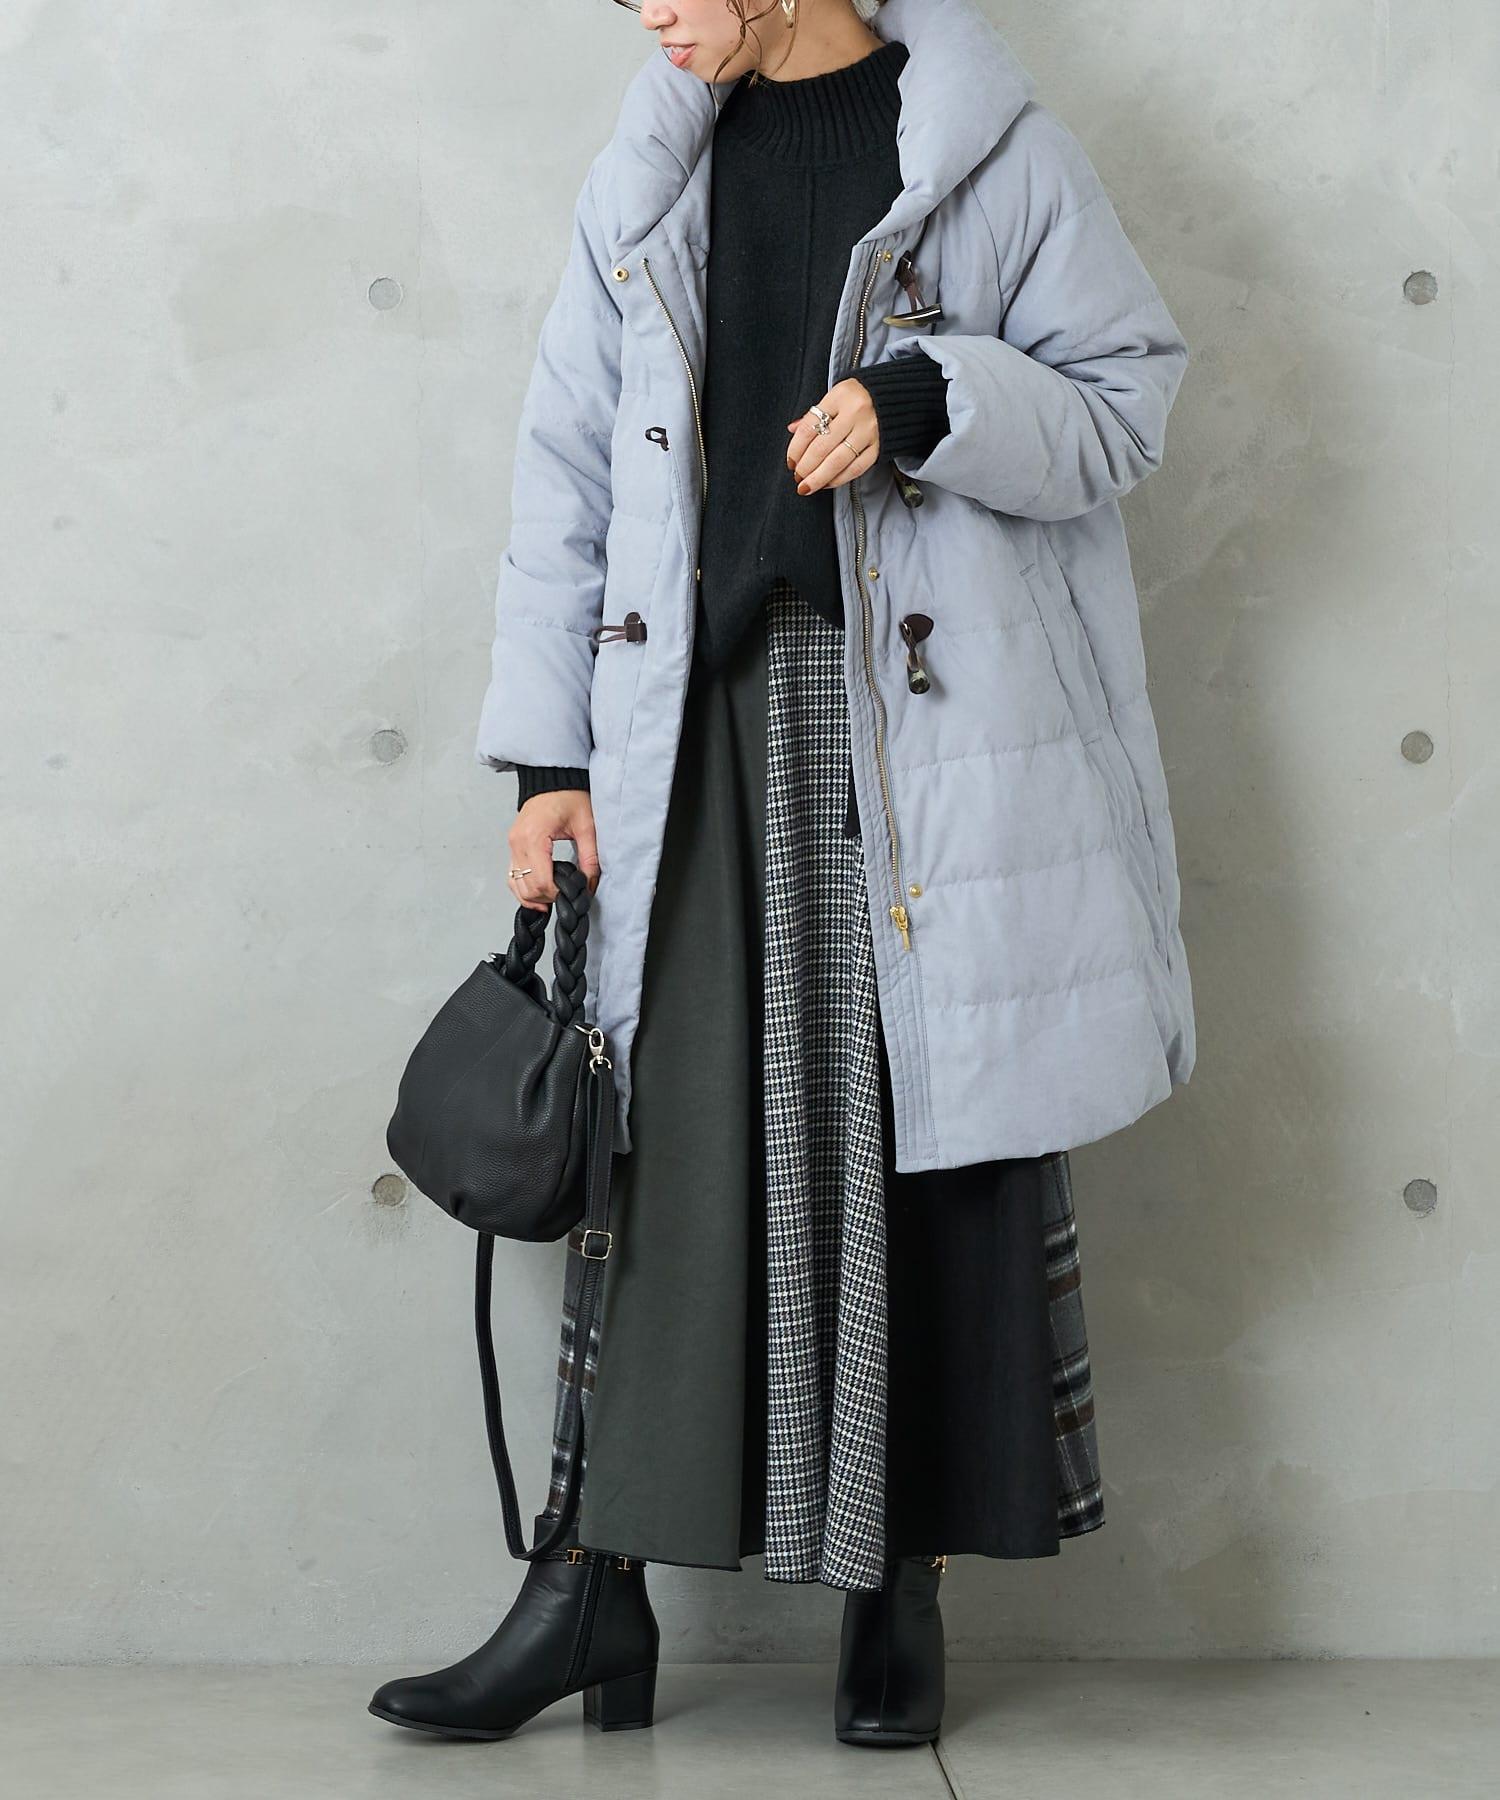 Pal collection(パルコレクション) 【予約】《腰まで暖かい》トグル付ロングダウンコート